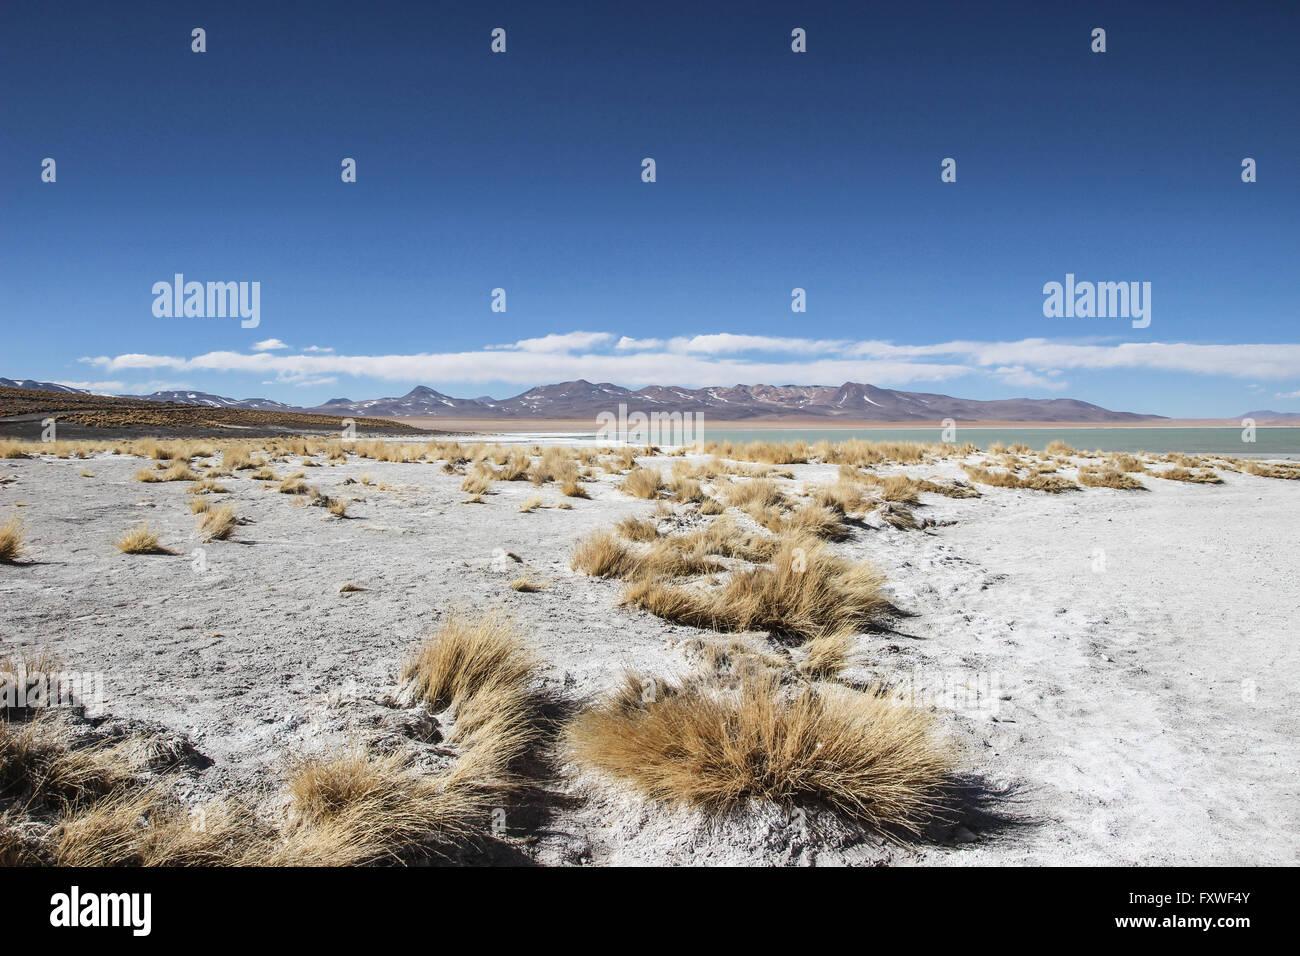 Bolivia - 20/08/2013 - Bolivia / Salar de Uyuni / Uyuni - desierto de Sal, Uyuni - Sandrine Huet / Le Pictorium Imagen De Stock